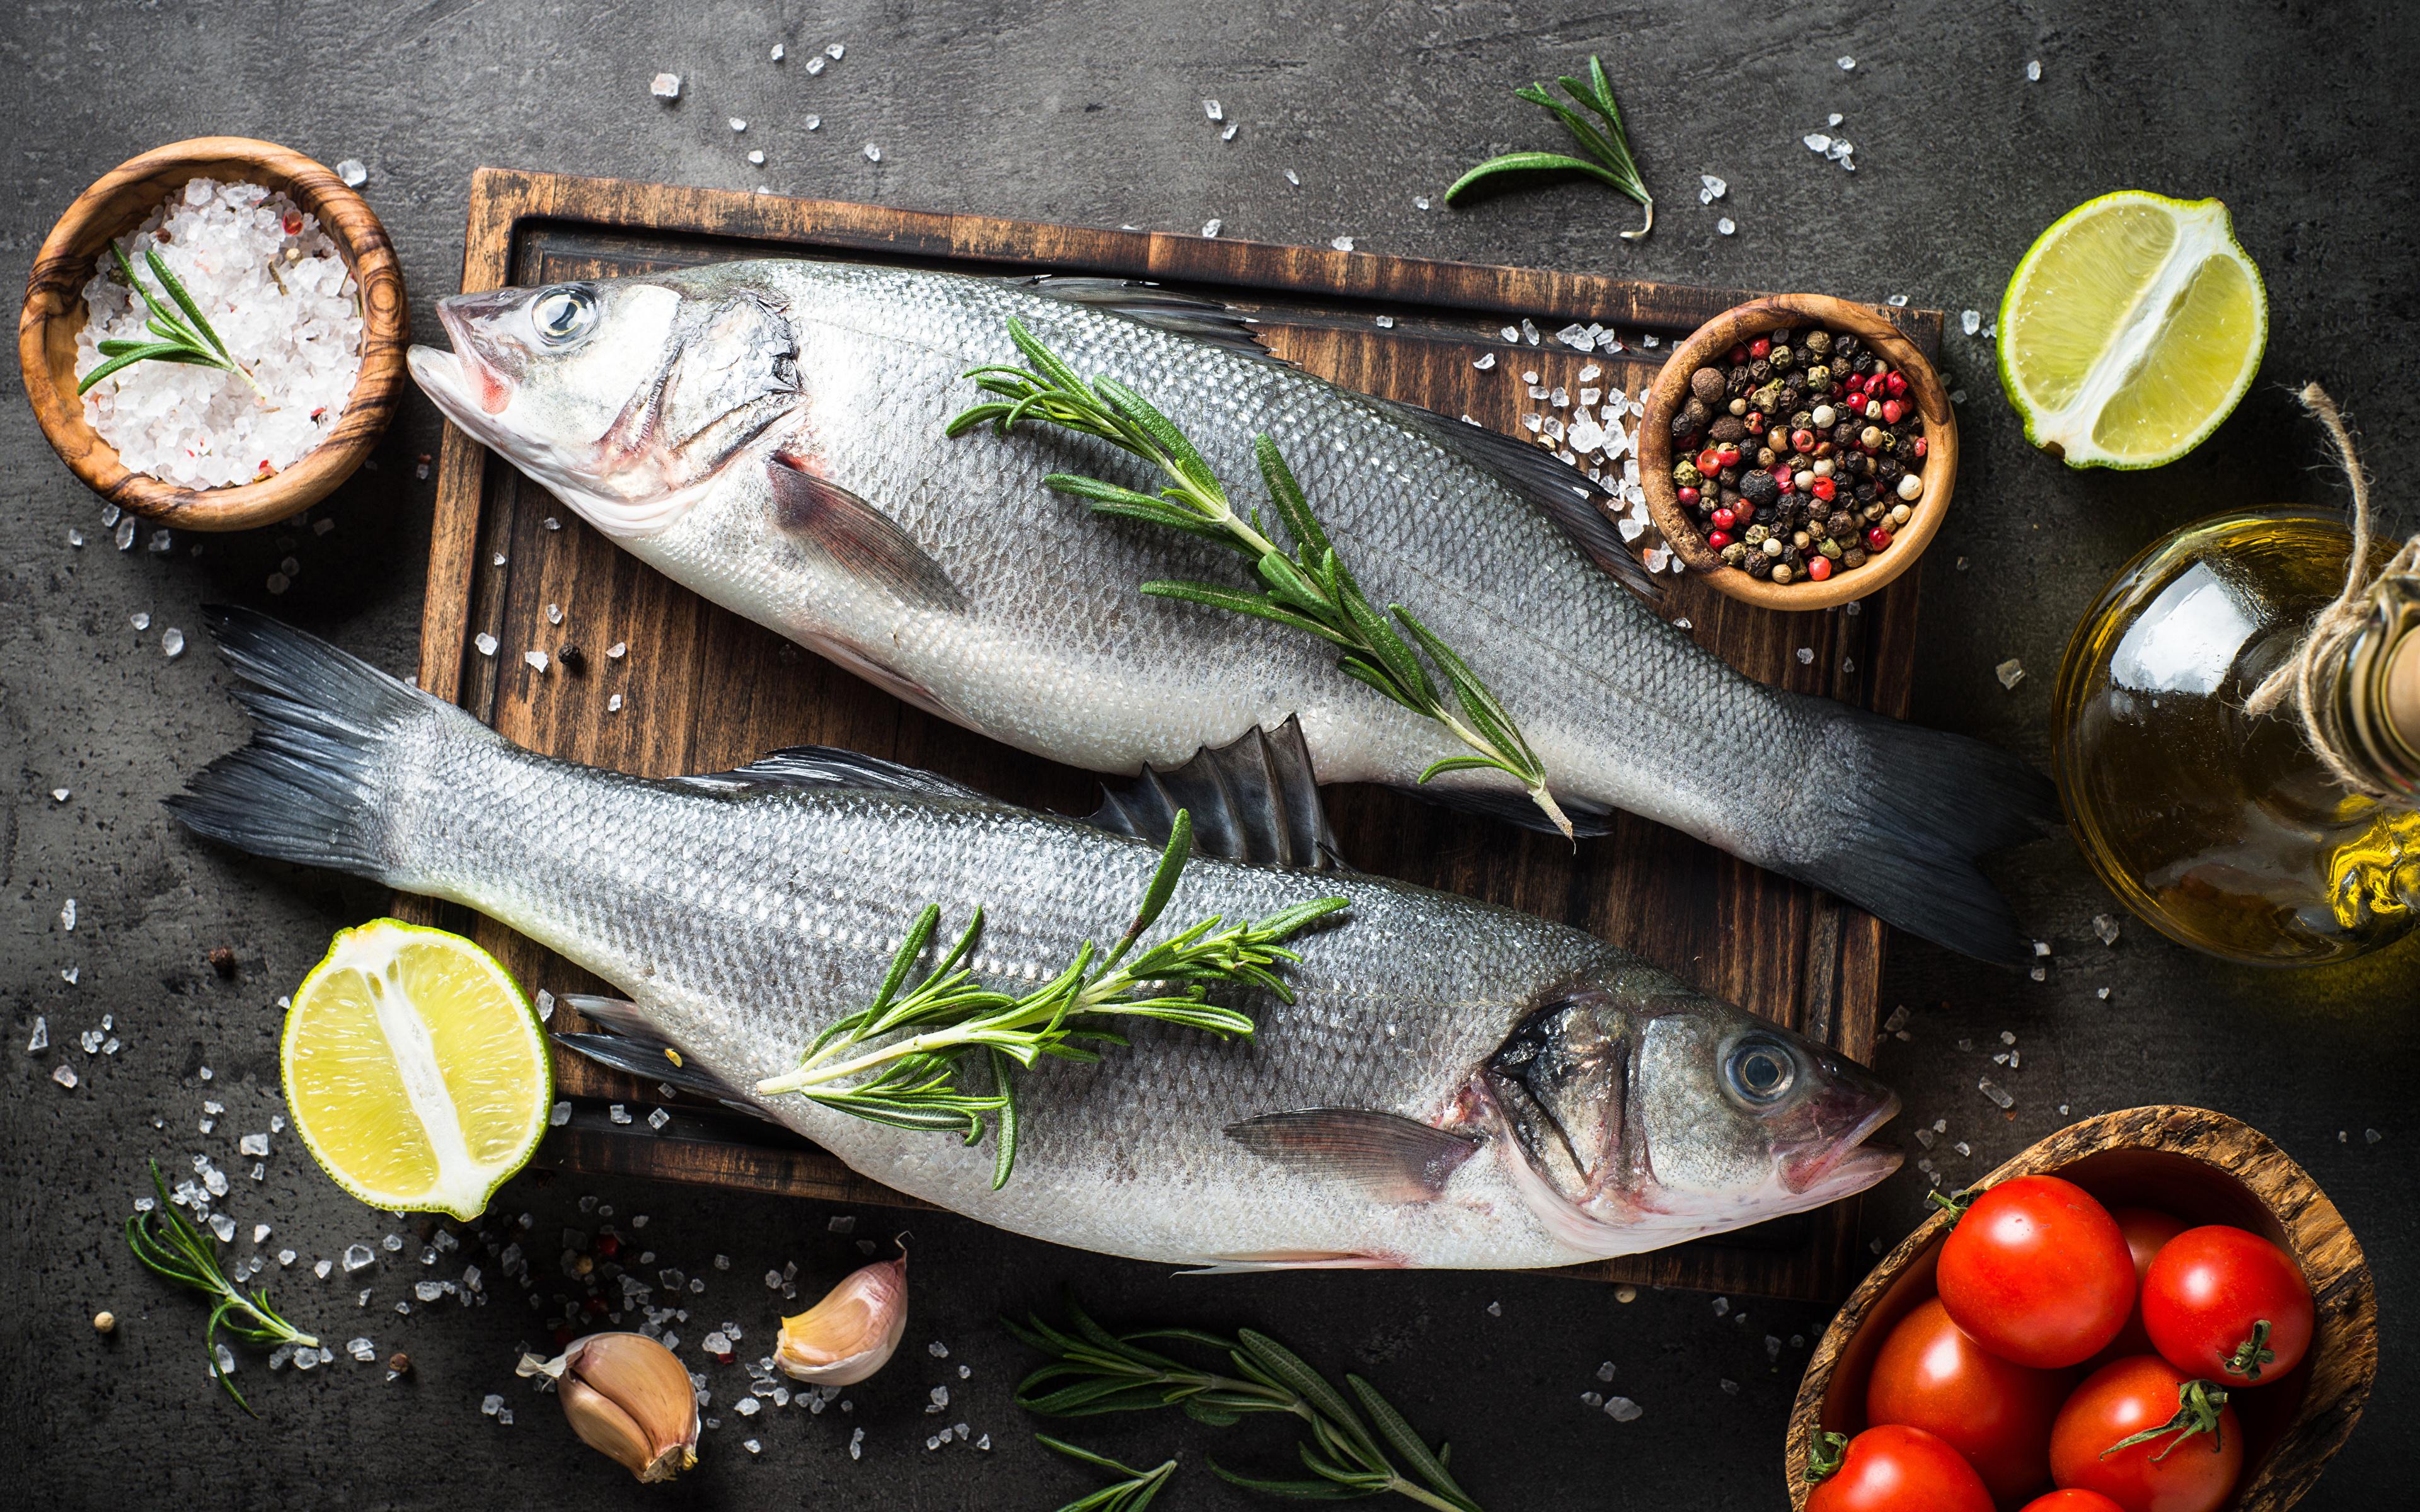 Фотографии 2 Лайм Томаты Перец чёрный Рыба соли Чеснок Пища Разделочная доска 3840x2400 два две Двое вдвоем Помидоры Соль солью Еда Продукты питания